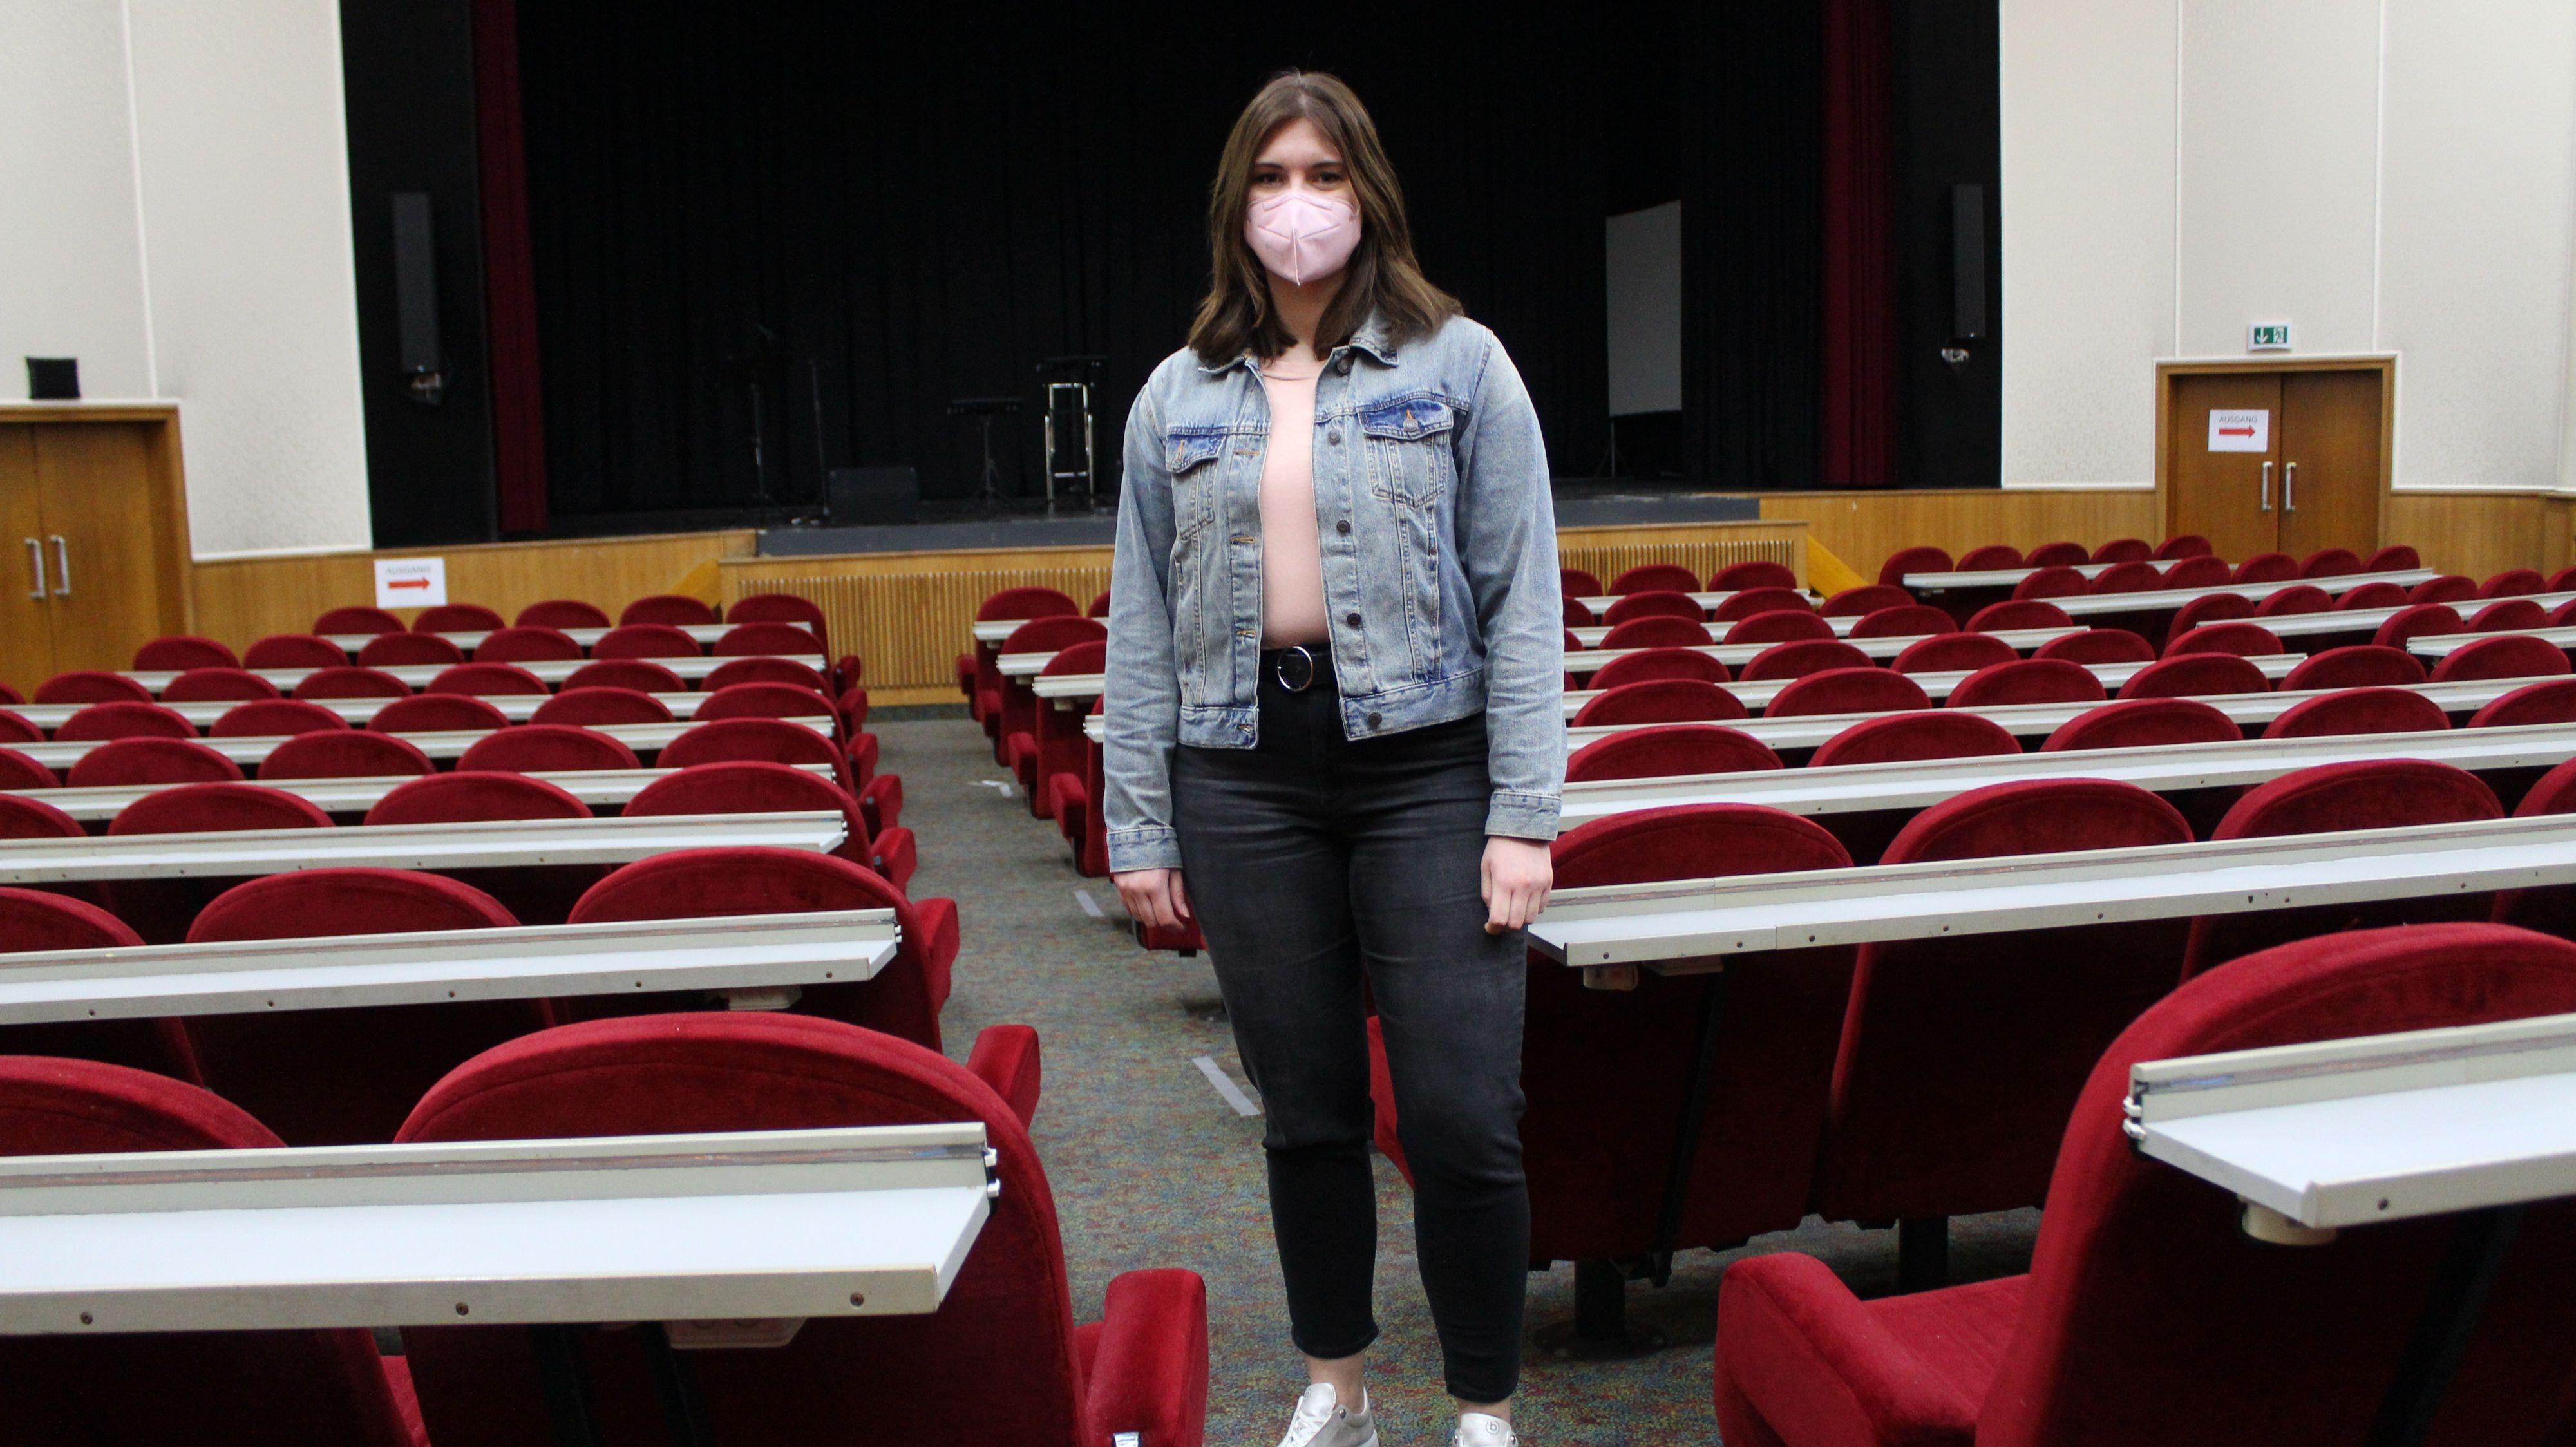 Die Stühle bleiben leer: Ein unwirklicher Anblick sei das verwaiste Metropole-Theater meint Carolin Feye. Foto: Heinzel